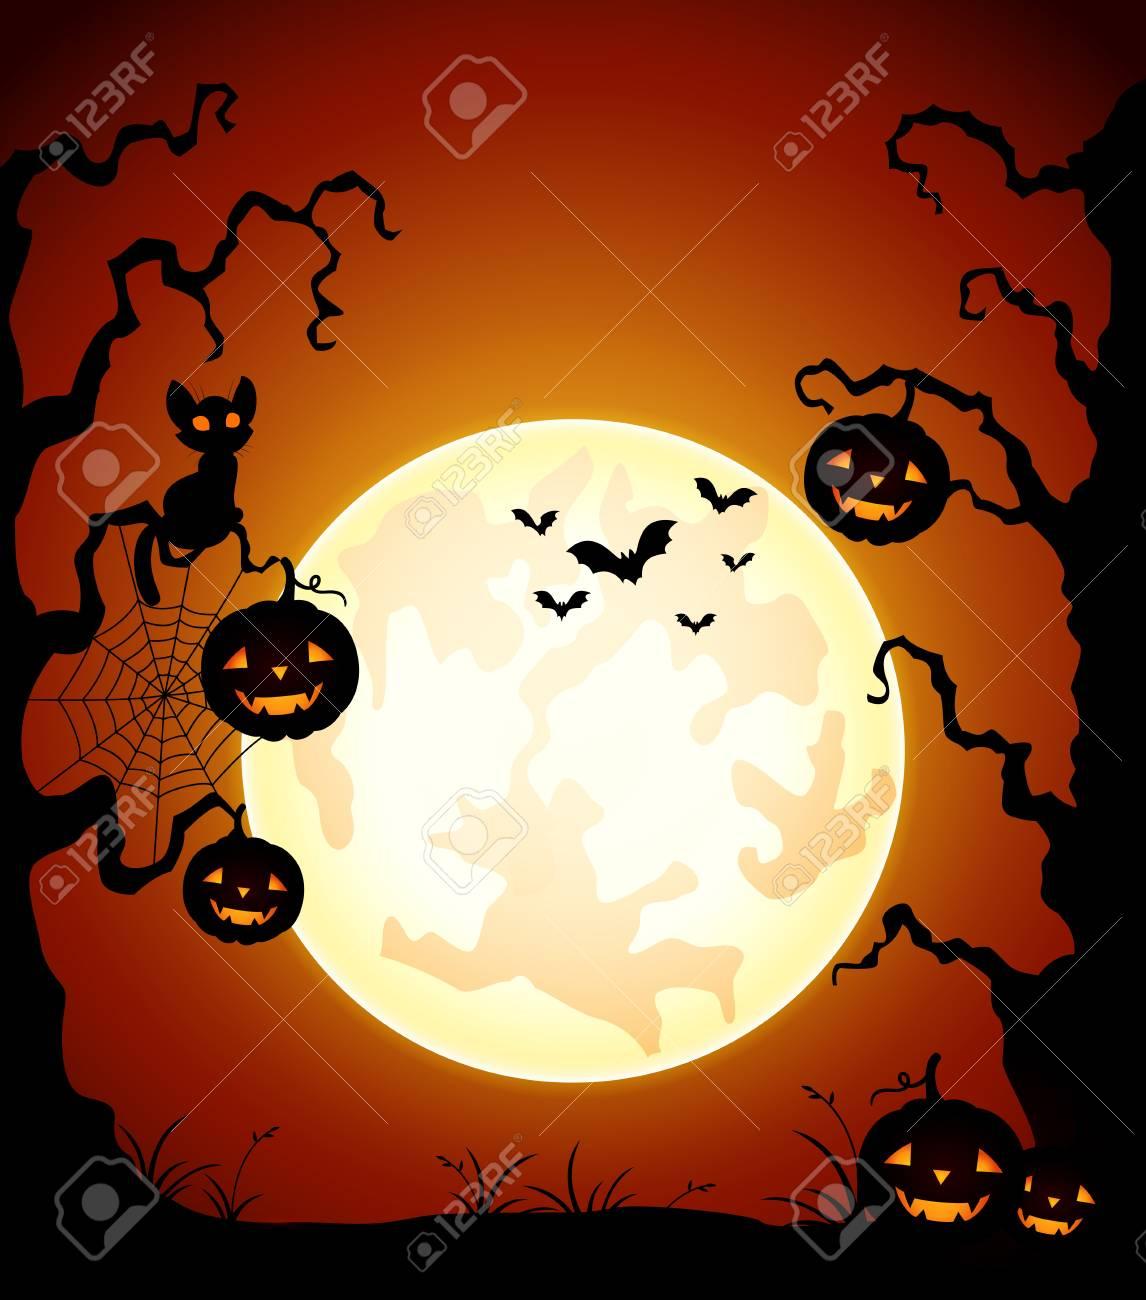 Zucca Halloween Gatto.Priorita Bassa Di Notte Di Halloween Con Zucca E Gatto Nero